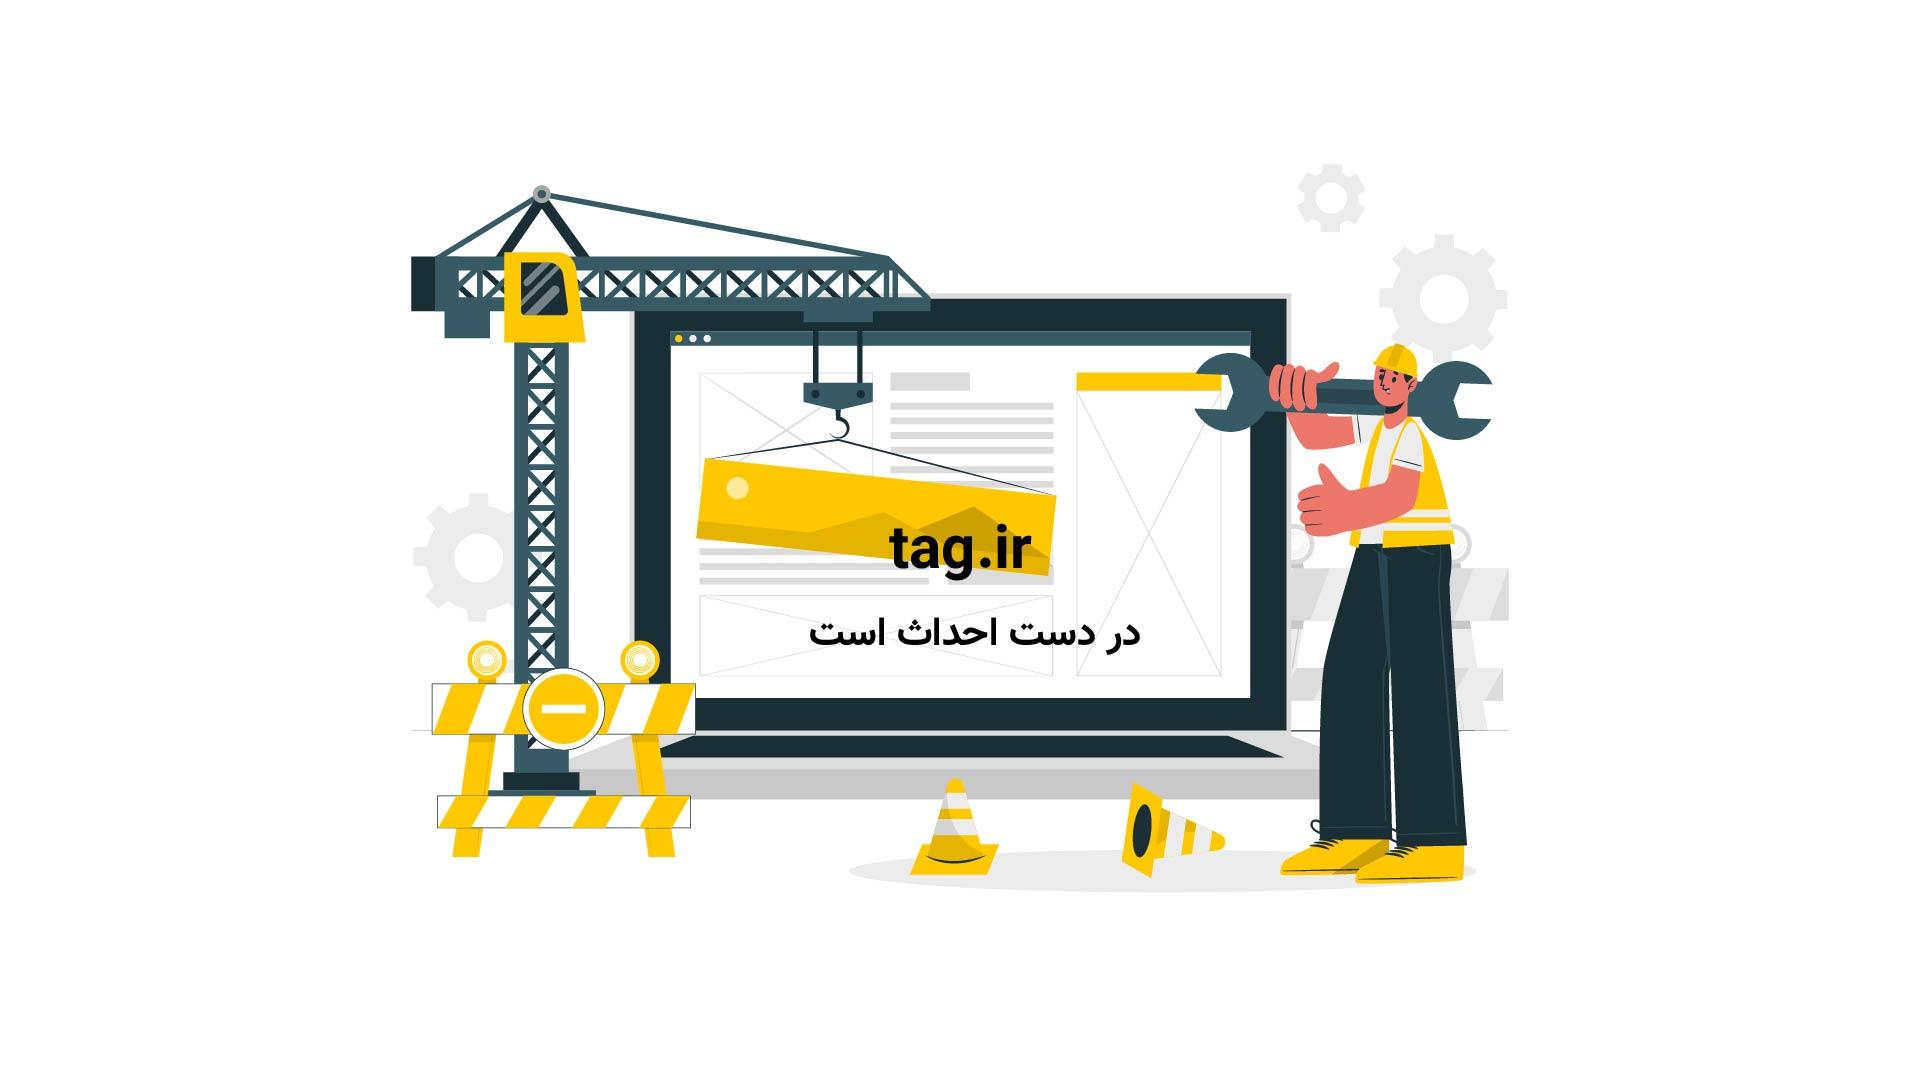 صفحه اول روزنامههای عمومی چهارشنبه 23 اسفند | فیلم